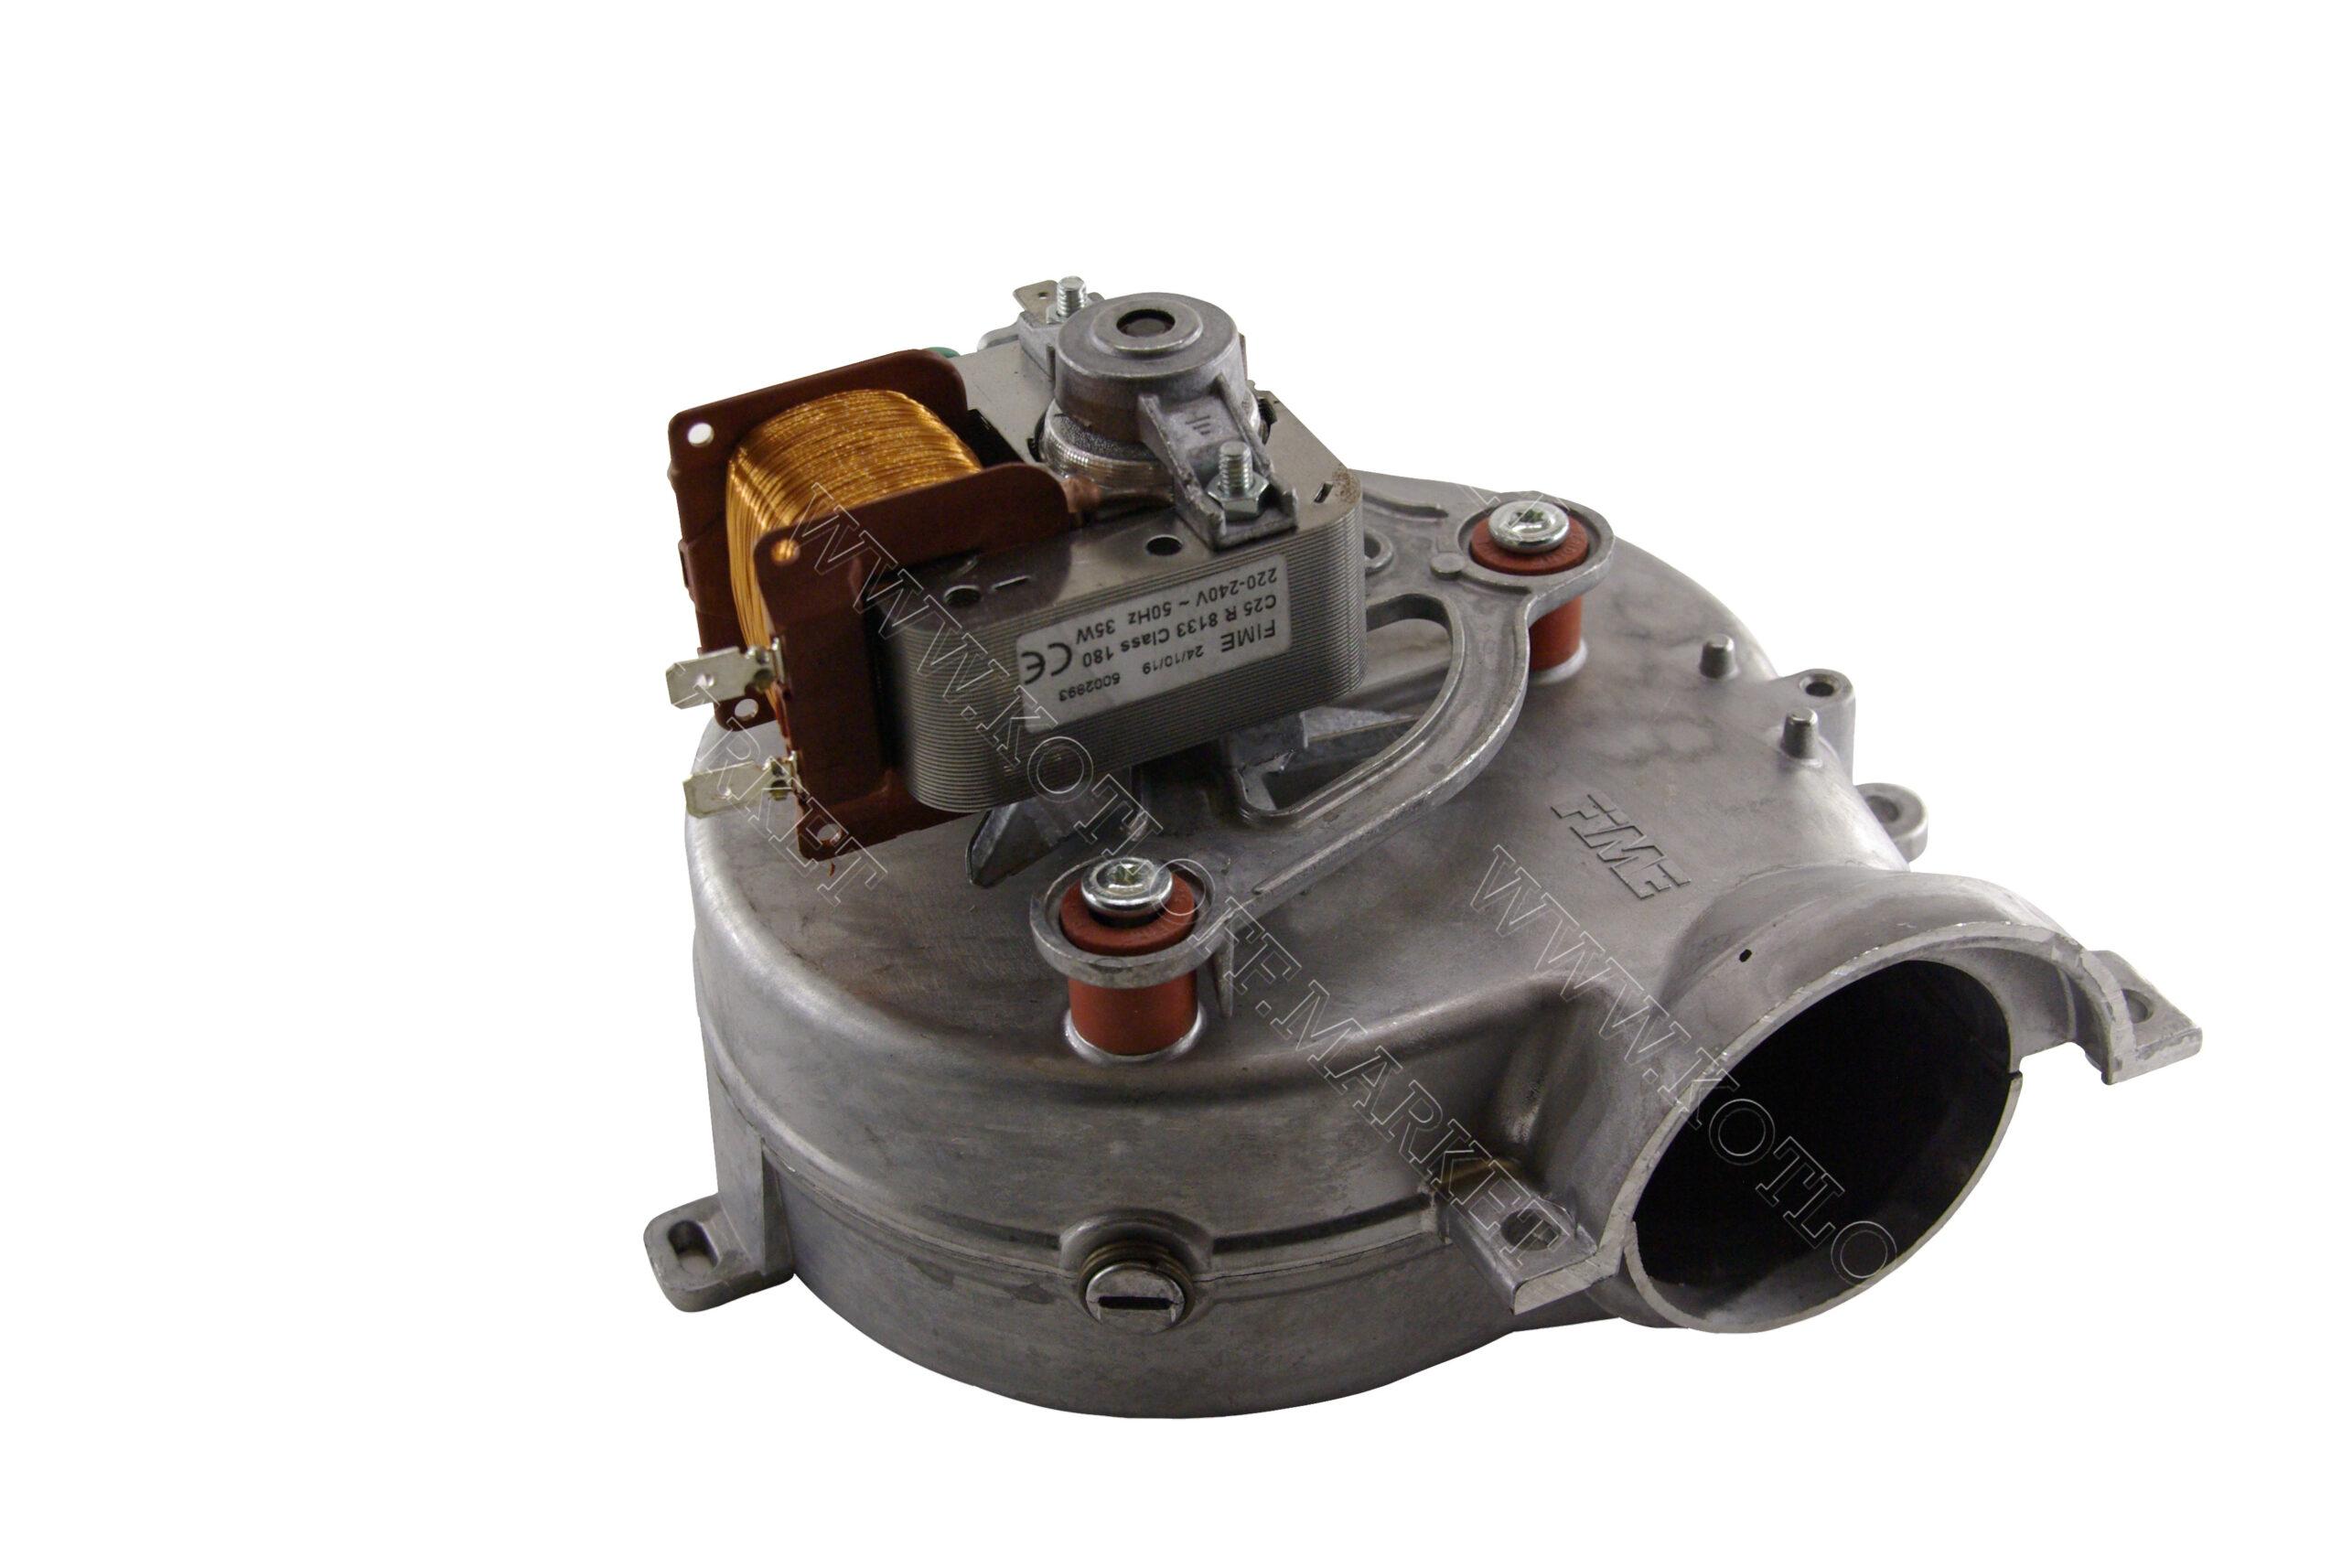 Вентилятор Fime 65104255(GR03145) для газового котла Ariston